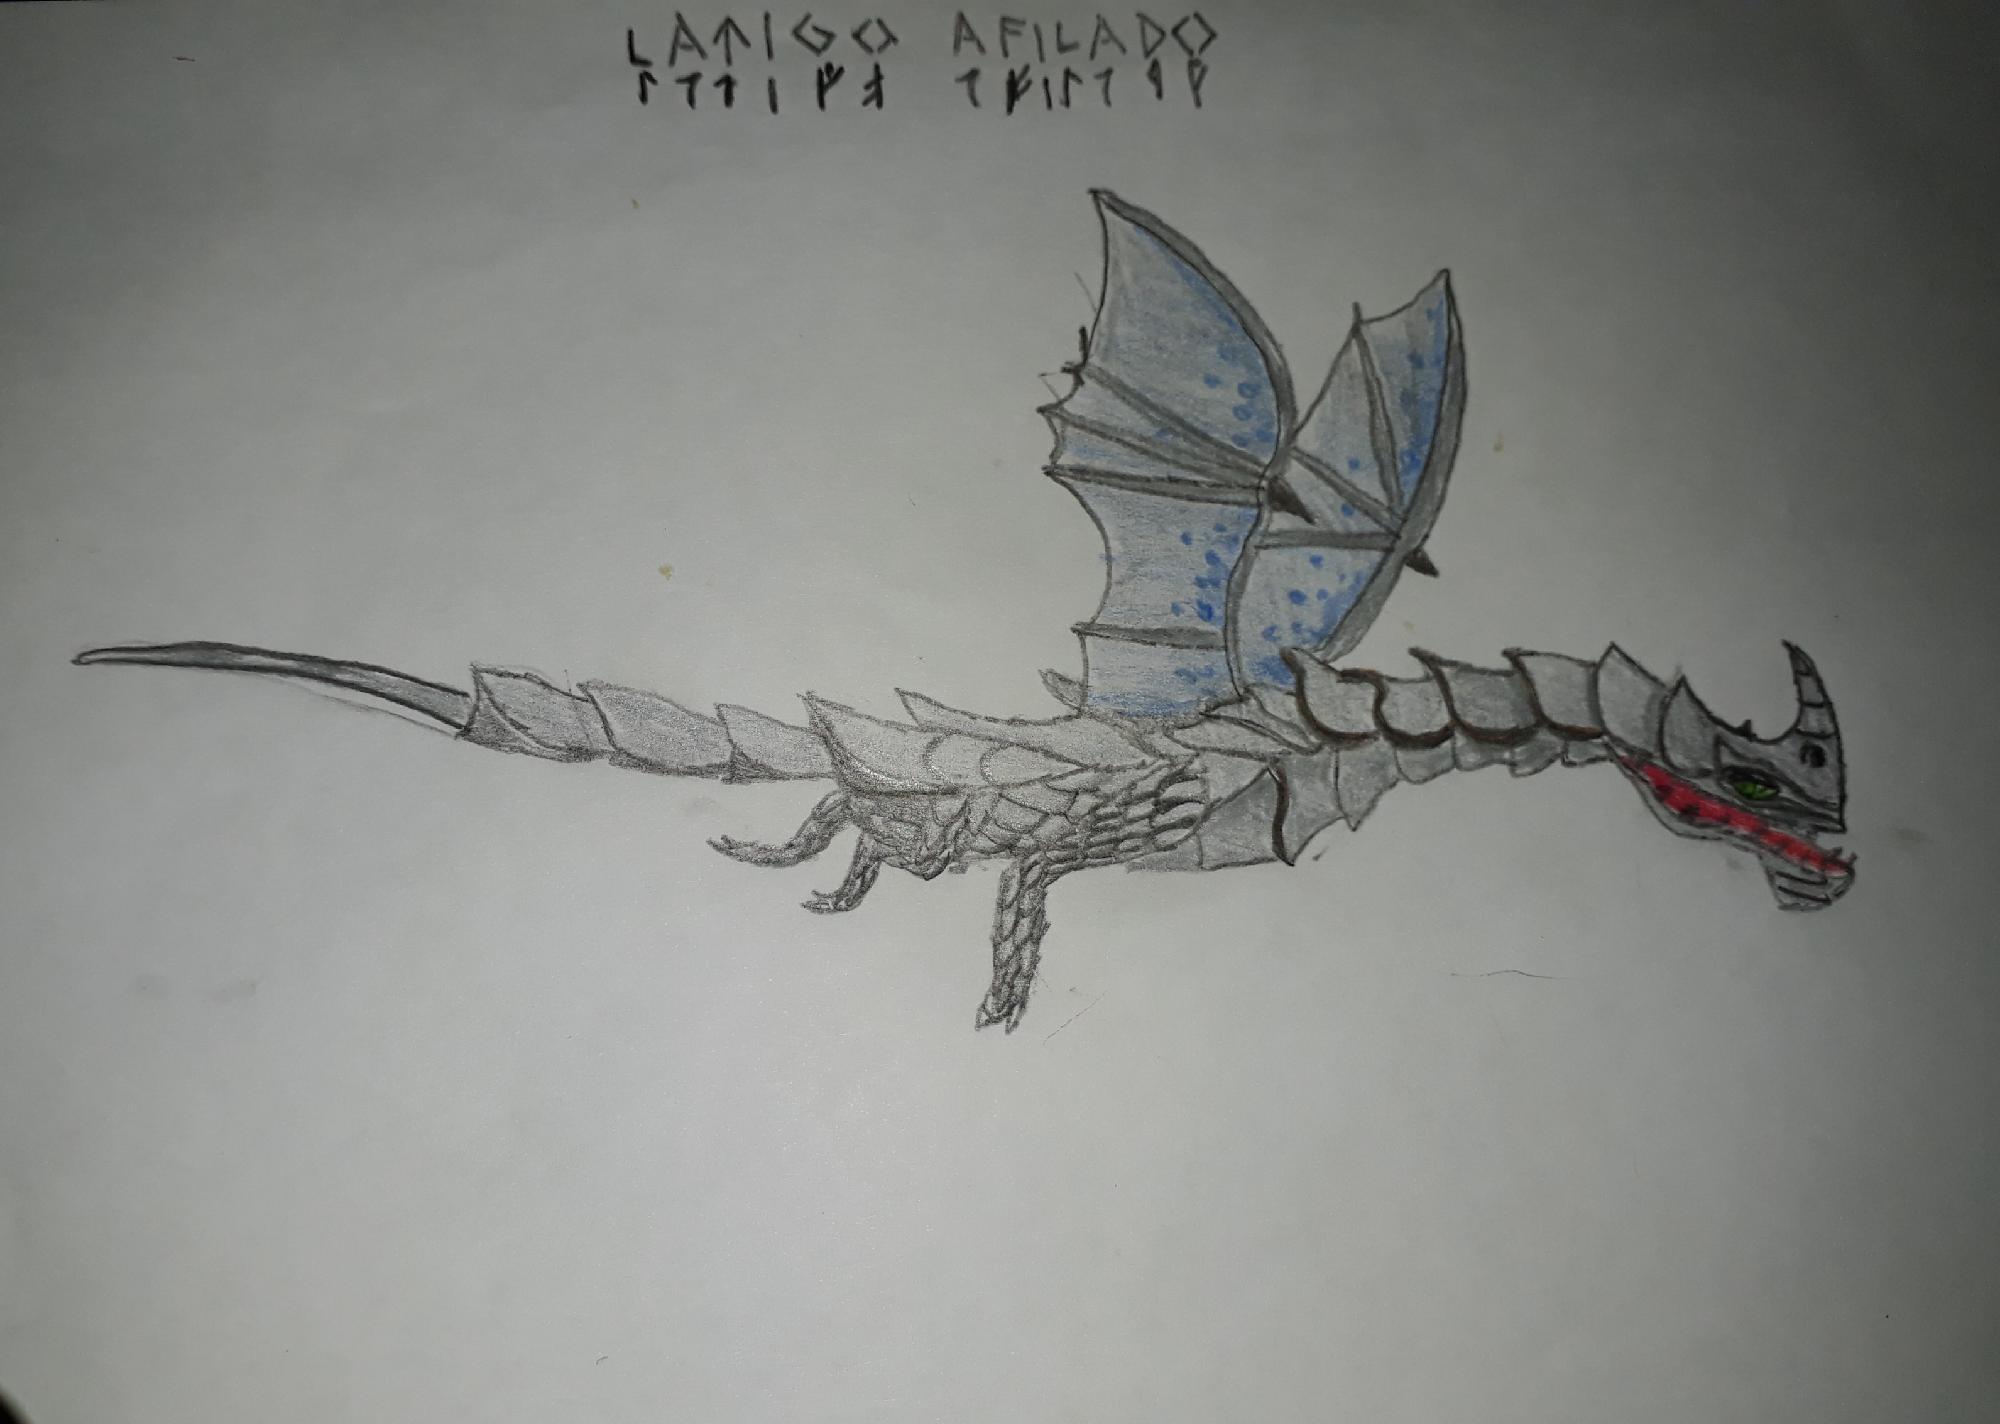 Dragon #7 (latigo afilado)